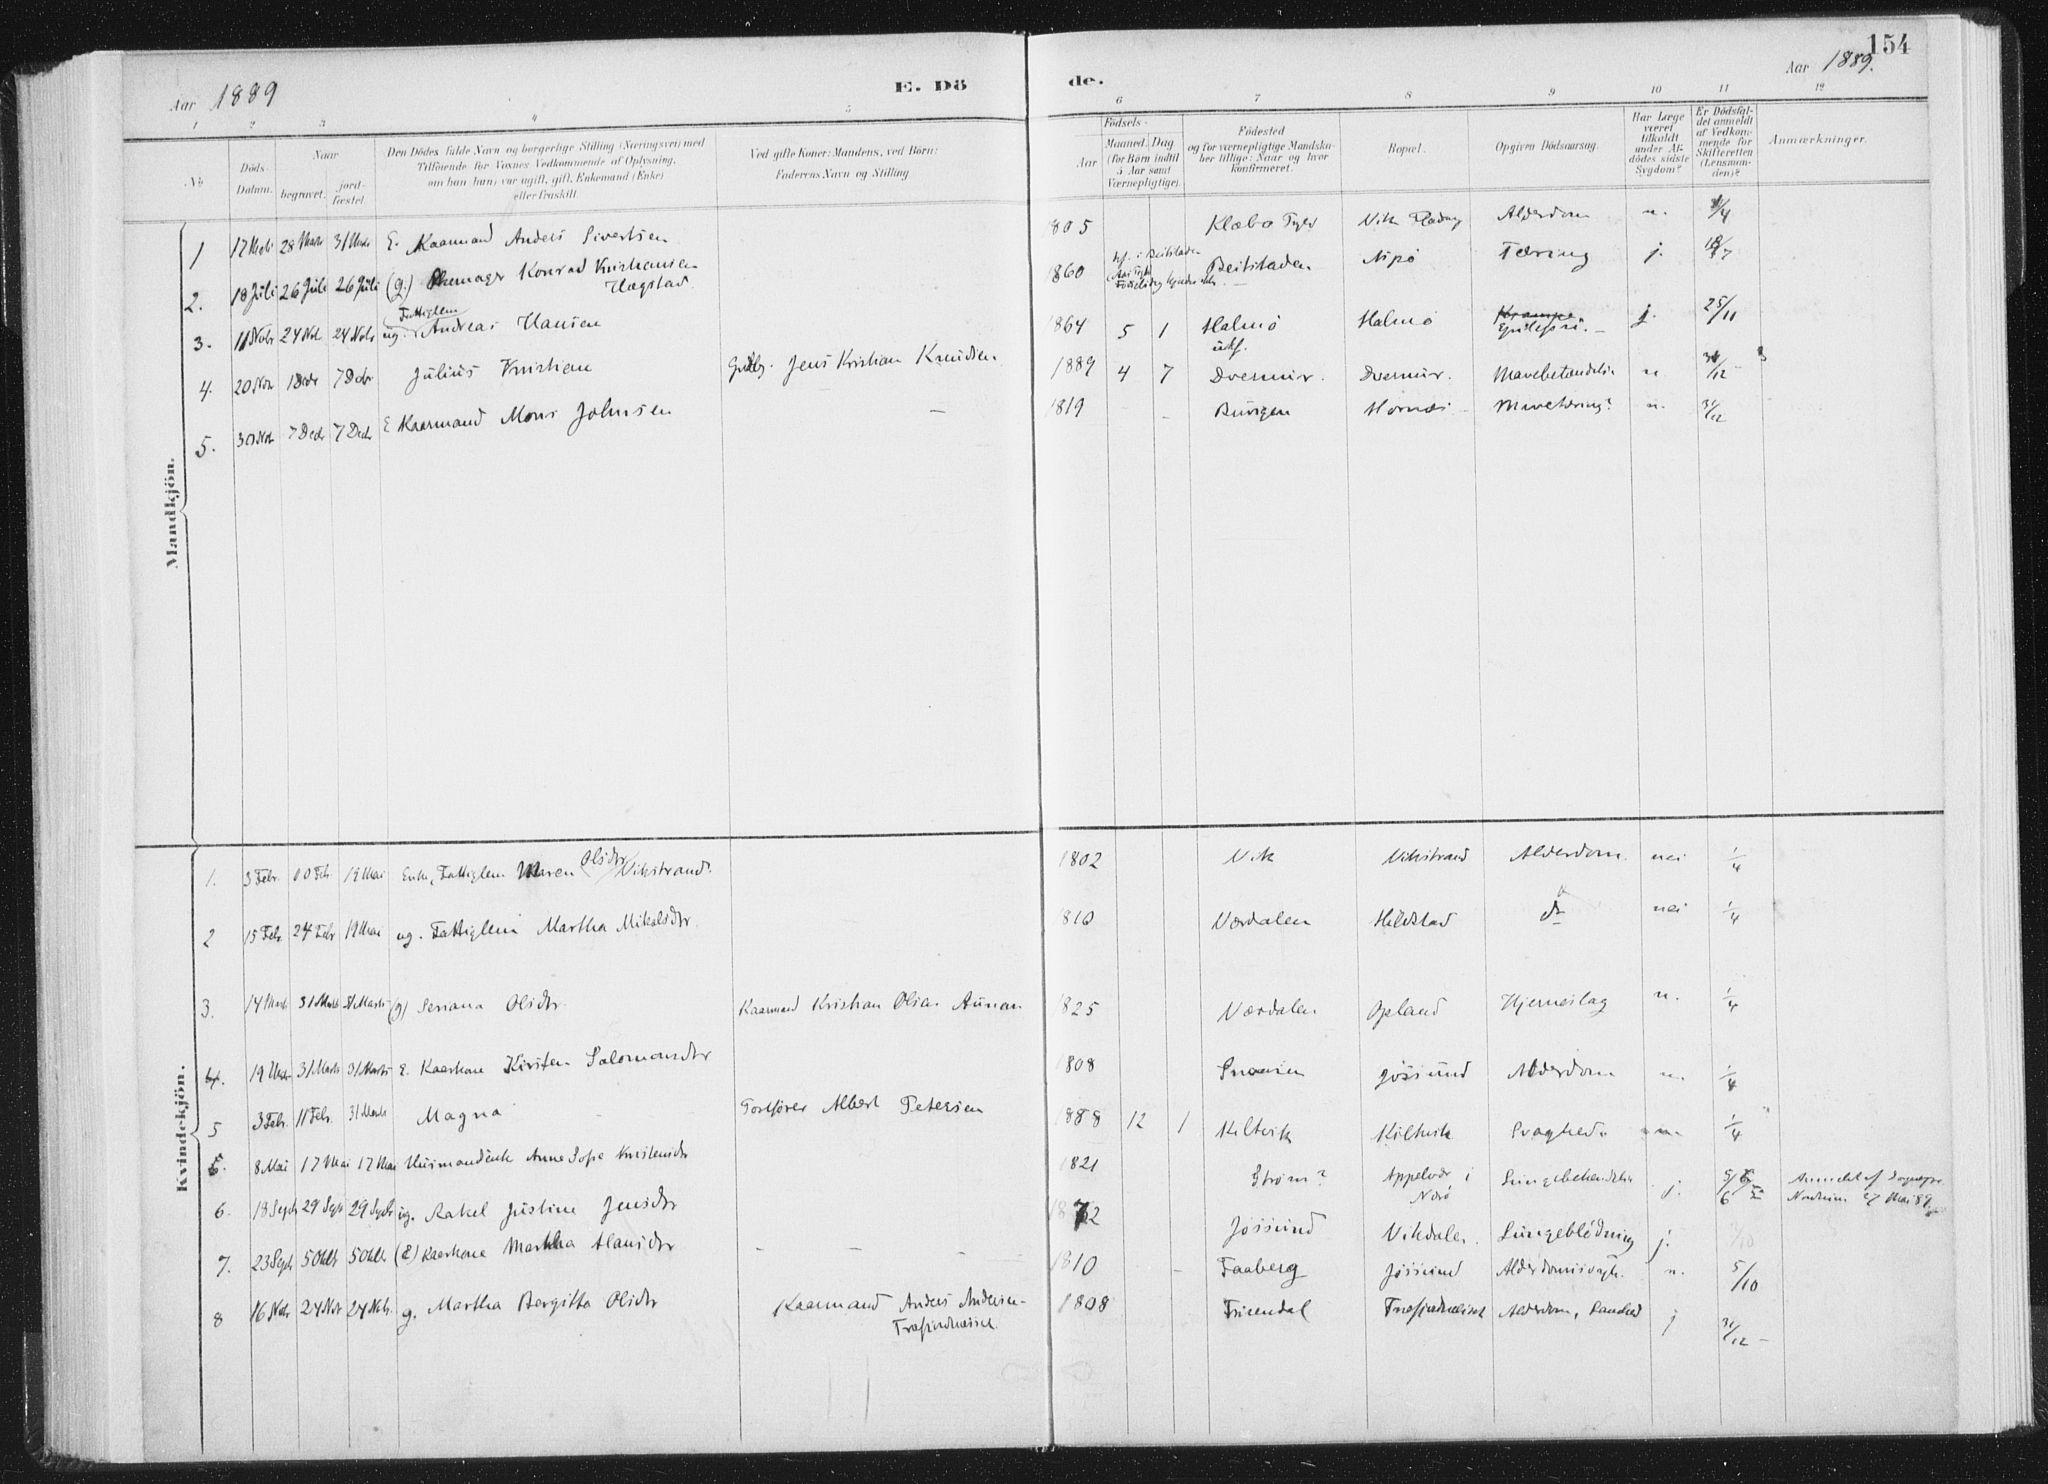 SAT, Ministerialprotokoller, klokkerbøker og fødselsregistre - Nord-Trøndelag, 771/L0597: Ministerialbok nr. 771A04, 1885-1910, s. 154